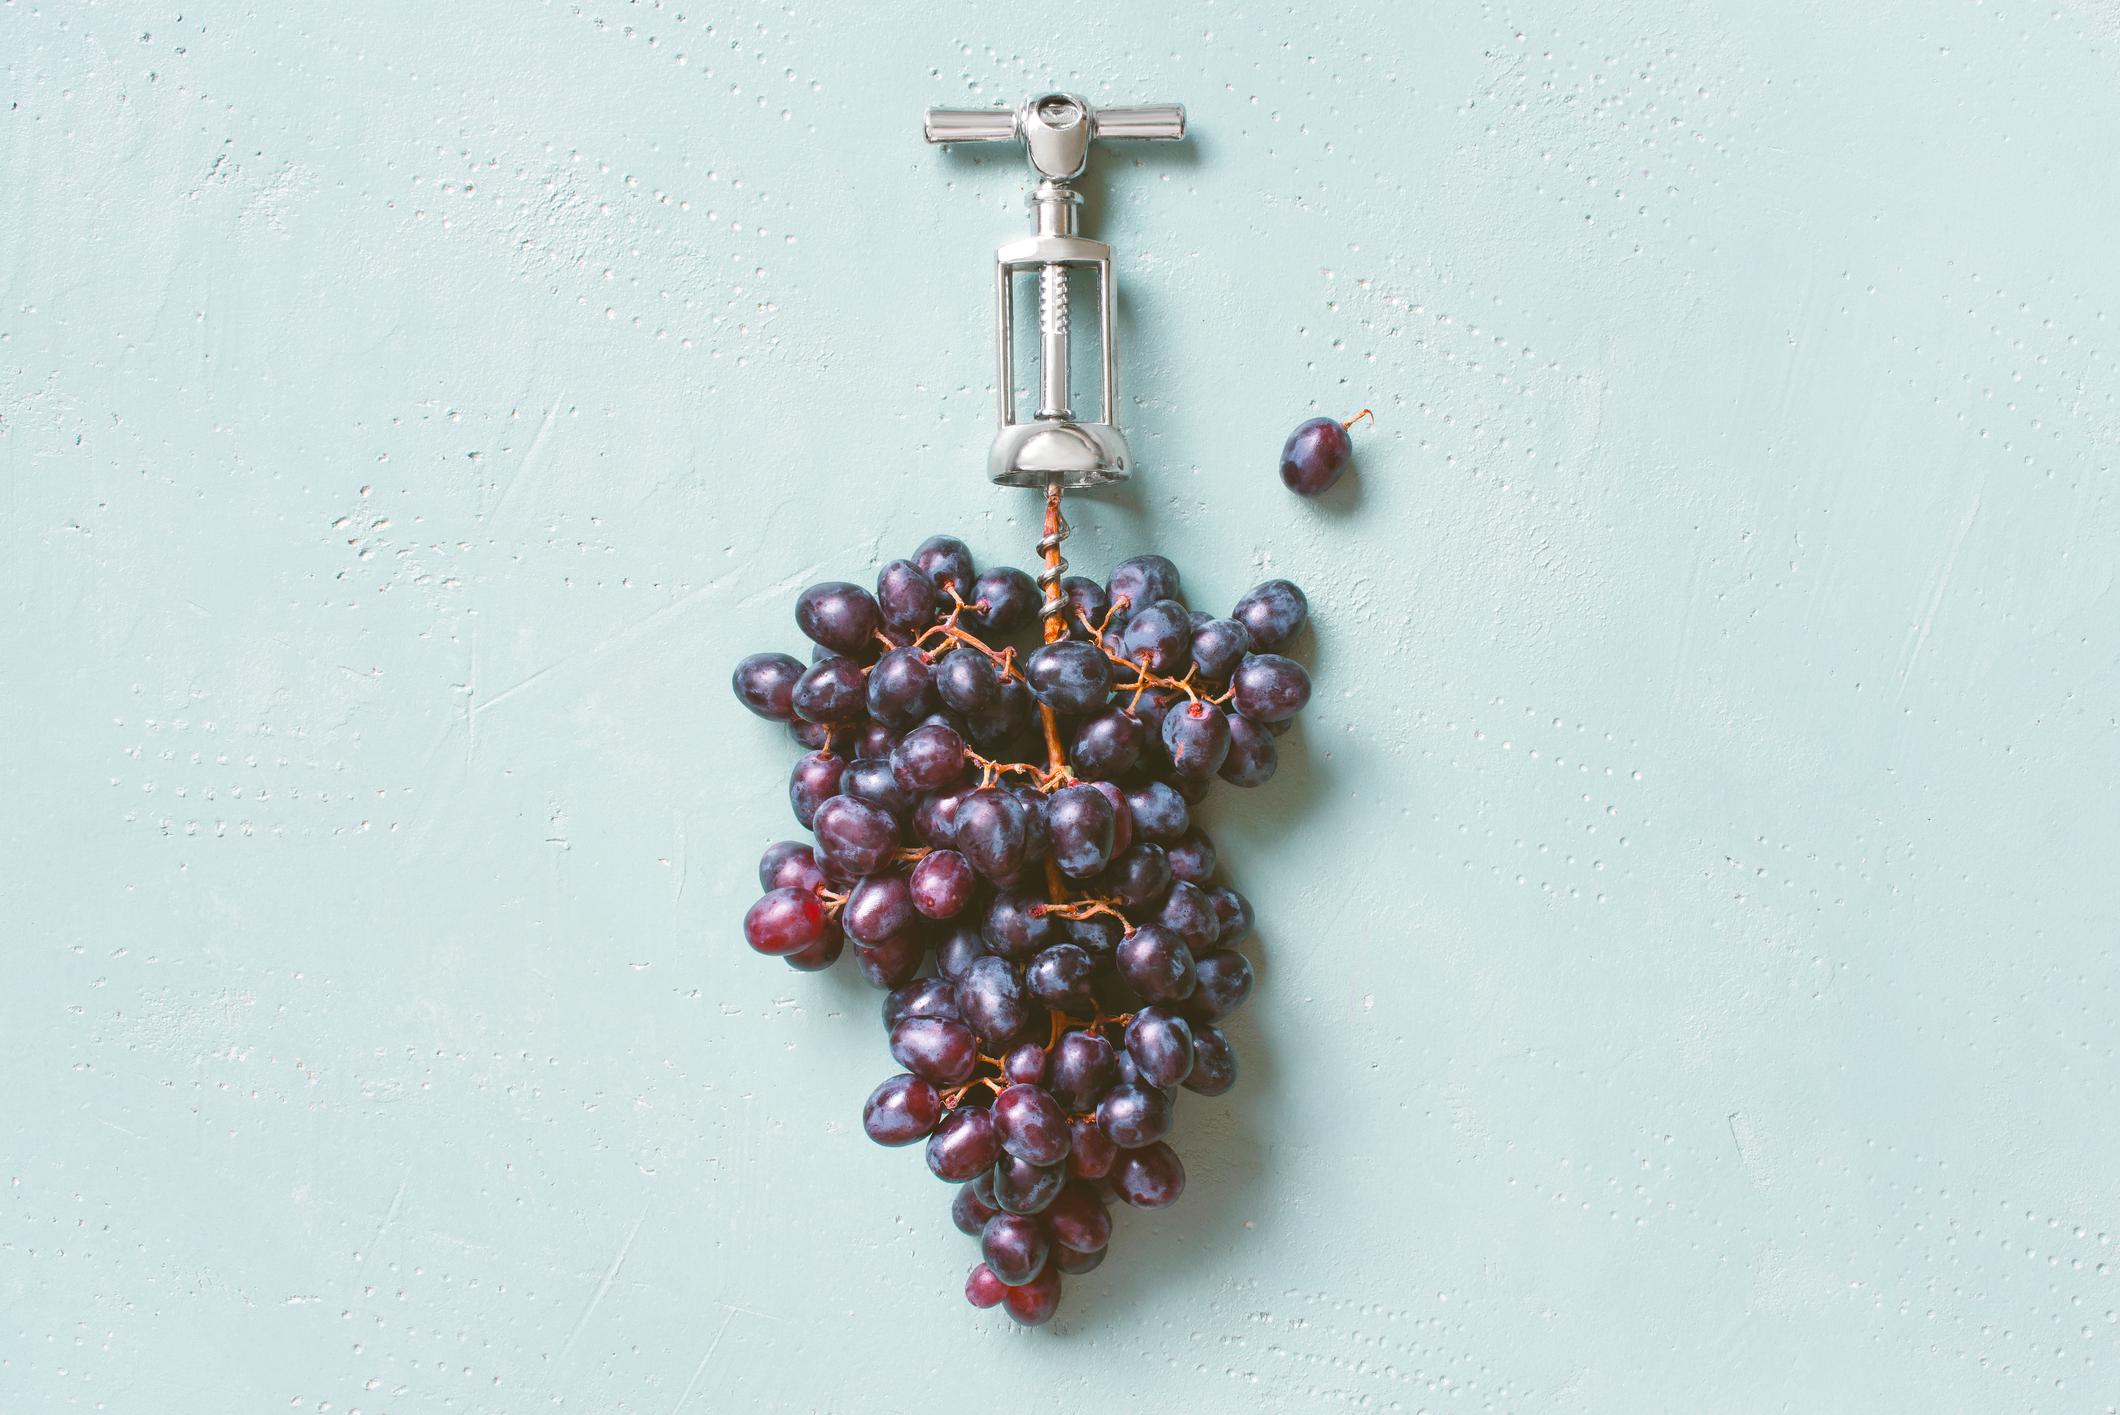 יינות טבעיים, אורגניים וביו-דינאמיים - טרנד חולף או המלצת השף?